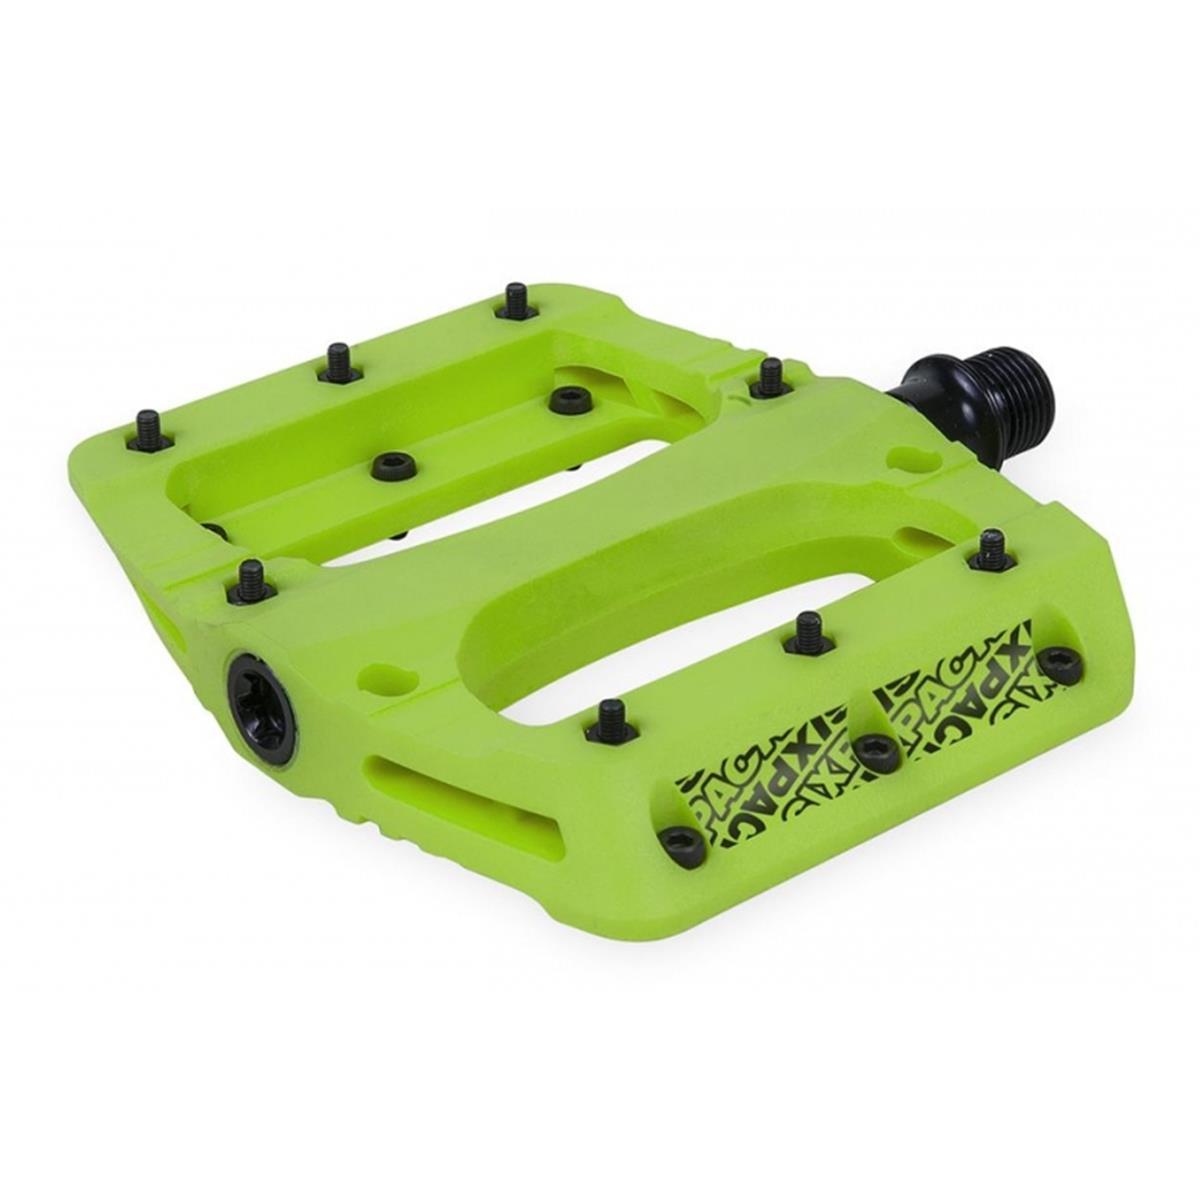 Sixpack Plattform-Pedal Vegas Neongrün, 95x110 mm Plattform, 32 M3 Pins, 1 Paar